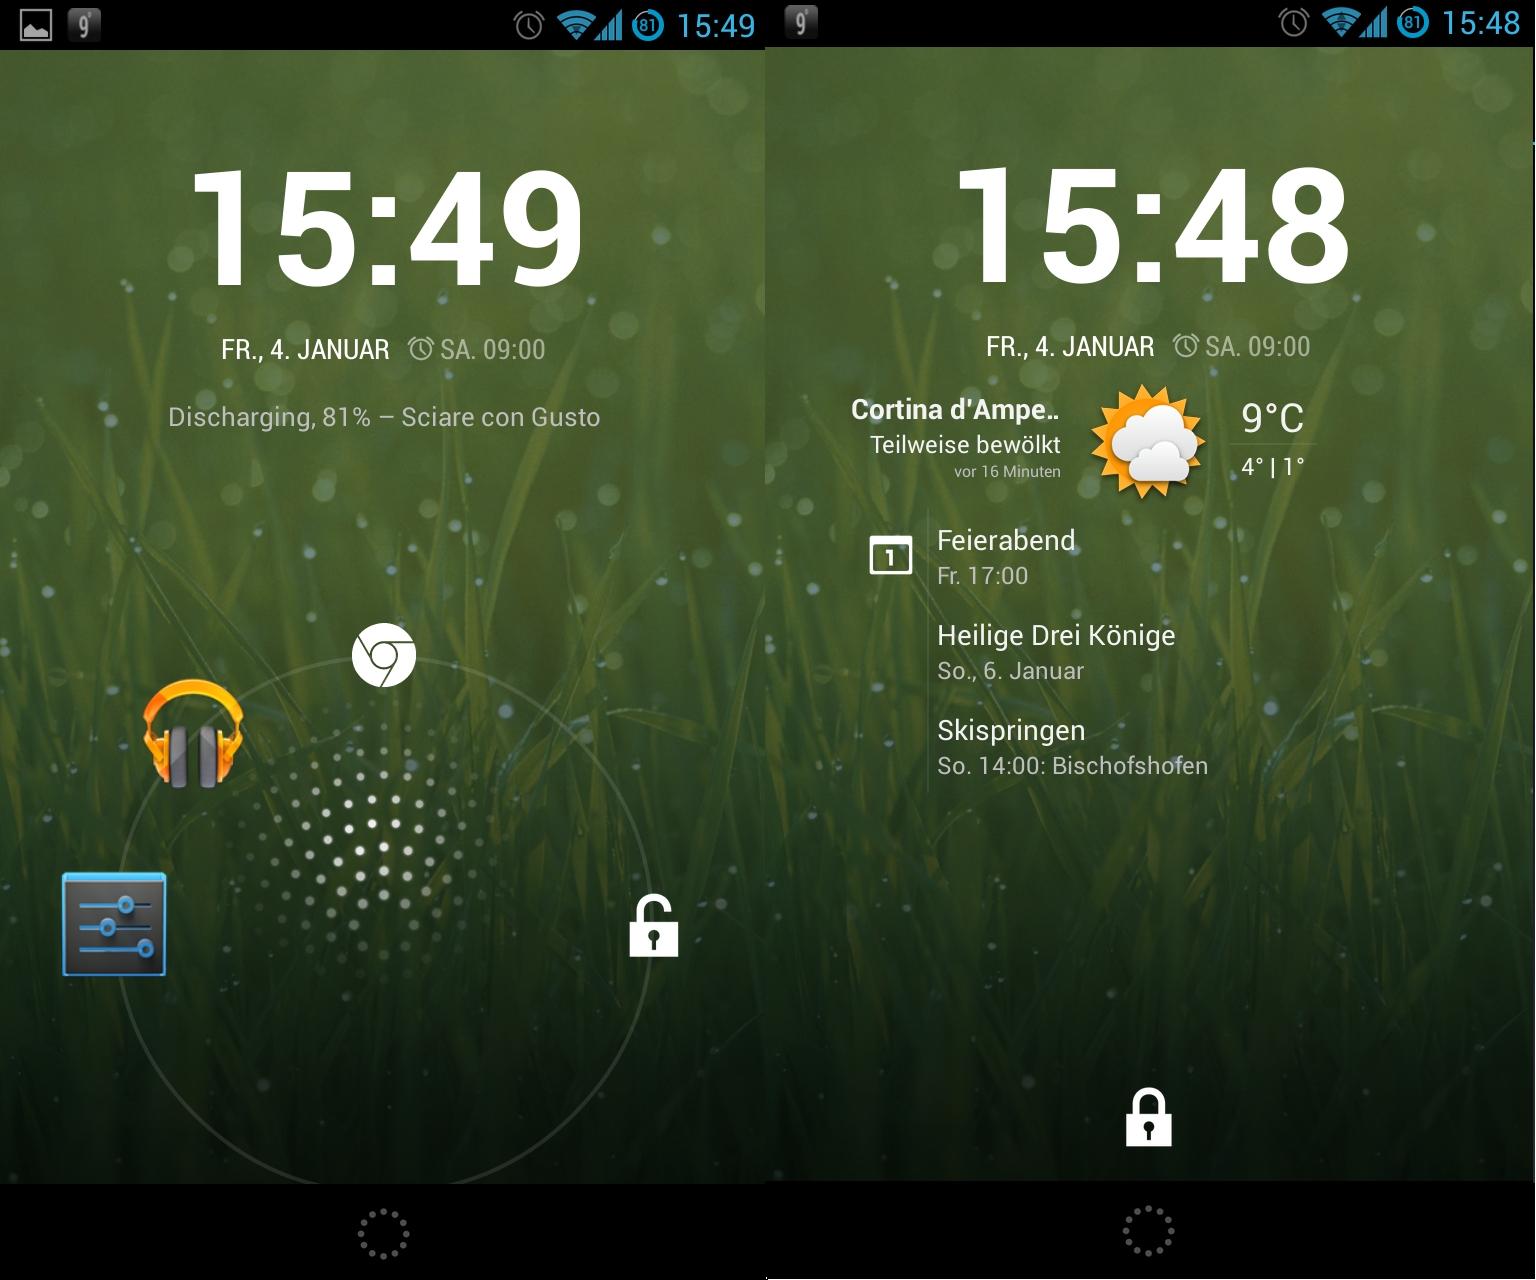 """Eine der beliebtesten Custom Firmwares für Android-Smartphones und -Tablets kommt von <a href=\""""http://www.cyanogenmod.org/\"""" title=\""""CyanogenMod\"""" target=\""""_blank\"""">CyanogenMod</a>. Die Entwickler erweitern die Standard-Androidversion wie sie auf den Nexus-Geräten von Google zum Einsatz kommt mit zahlreichen nützlichen Funktionen. Dazu zählt etwa das beliebte Chronus-Widget, das Uhrzeit, Wecker, Wetterdaten und Kalendereinträge anzeigt. Chronus lässt sich auch im Sperrbildschirm anzeigen.<br>  Für die Installation einer alternativen Firmware muss das Gerät gerootet werden. Das ist für viele Smartphones und Tablets wie dem Nexus 4 <a href=\""""http://www.zdnet.de/88133975/nexus-4-toolkit-fur-das-rooten/\"""" title=\""""Nexus 4: Toolkit für das Rooten\"""" >problemlos möglich</a>.  Nicht nur für die Nexus-Geräte von Google stehen CyanogenMod-Versionen parat, sondern auch für zahlreiche andere Modelle, die oft von den Herstellern nicht mehr unterstützt werden. Die aktuelle Liste unterstützter Geräte umfasst über 120 Smartphones und Tablets. Die <a href=\""""https://plus.google.com/+CyanogenMod/posts\"""" title=\""""Google+-Seite von CyanogenMod\"""" target=\""""_blank\"""">Google+-Seite von CyanogenMod</a> kommt auf über 230.000 Follower, was ein Indiz dafür ist, dass die Nutzung von Custom Firmwares nicht nur etwas für Nerds ist."""